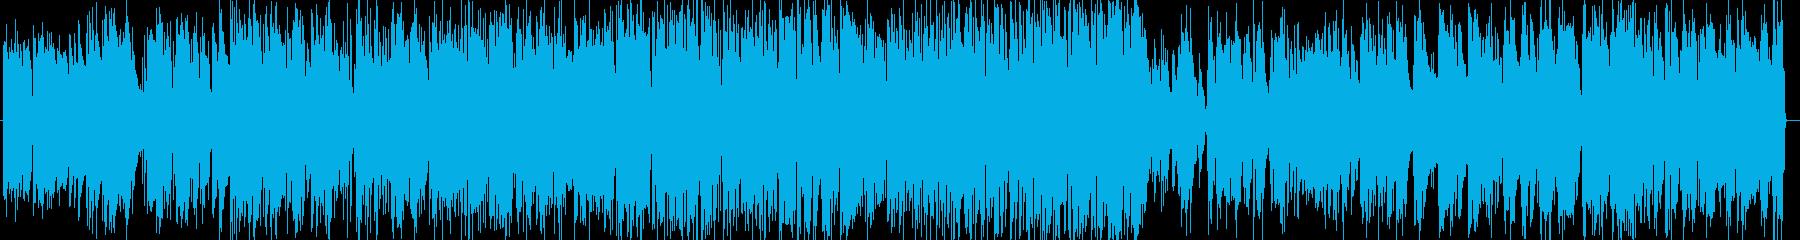 さわやかで軽快なピアノトリオの再生済みの波形